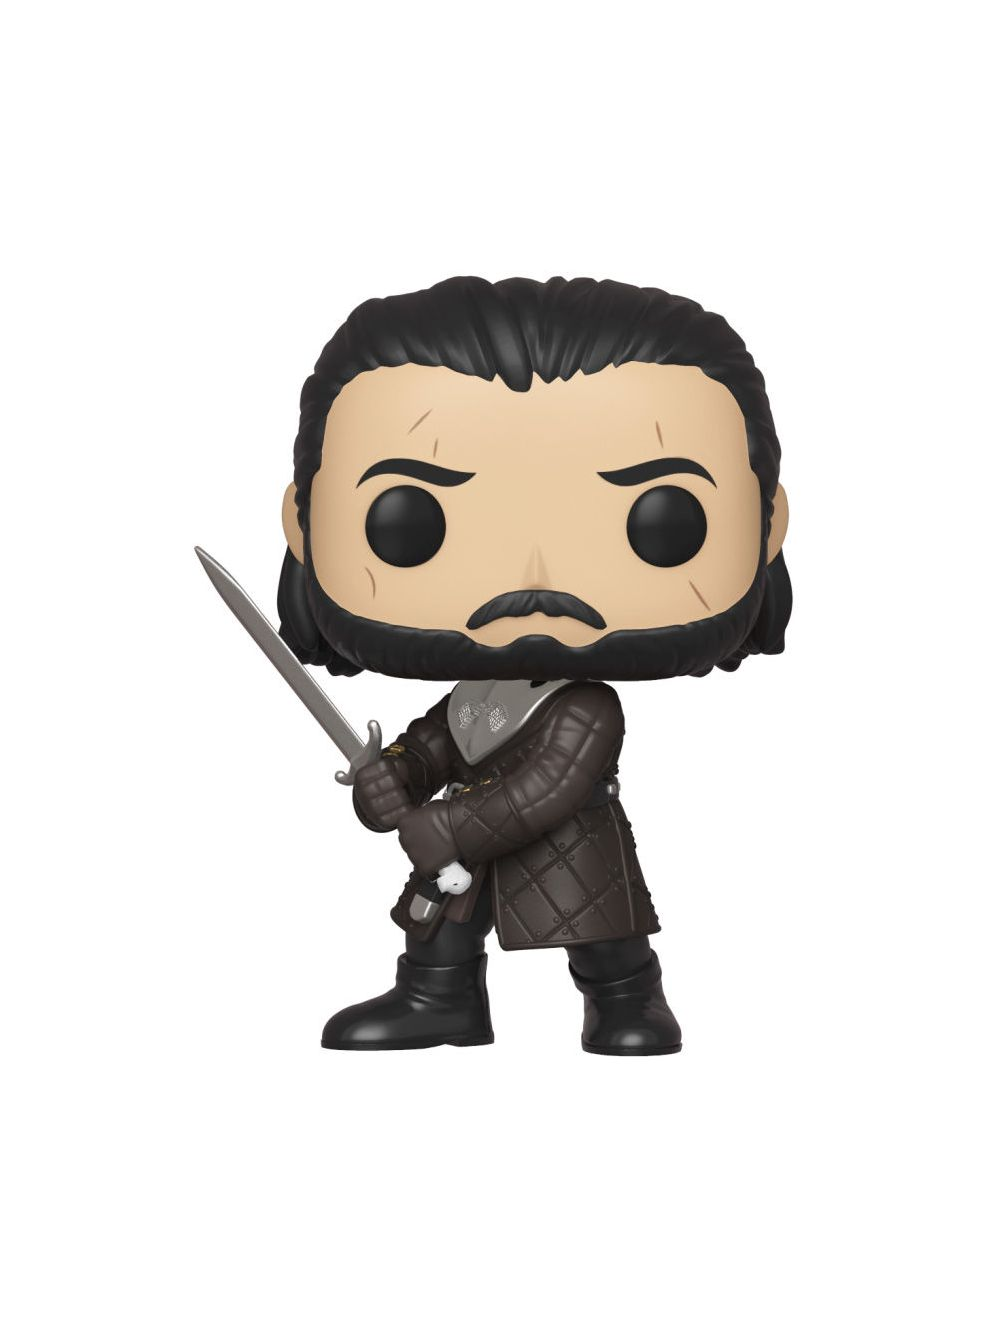 Funko POP! Game of Thrones - Jon Snow Vinyl Figura 10cm